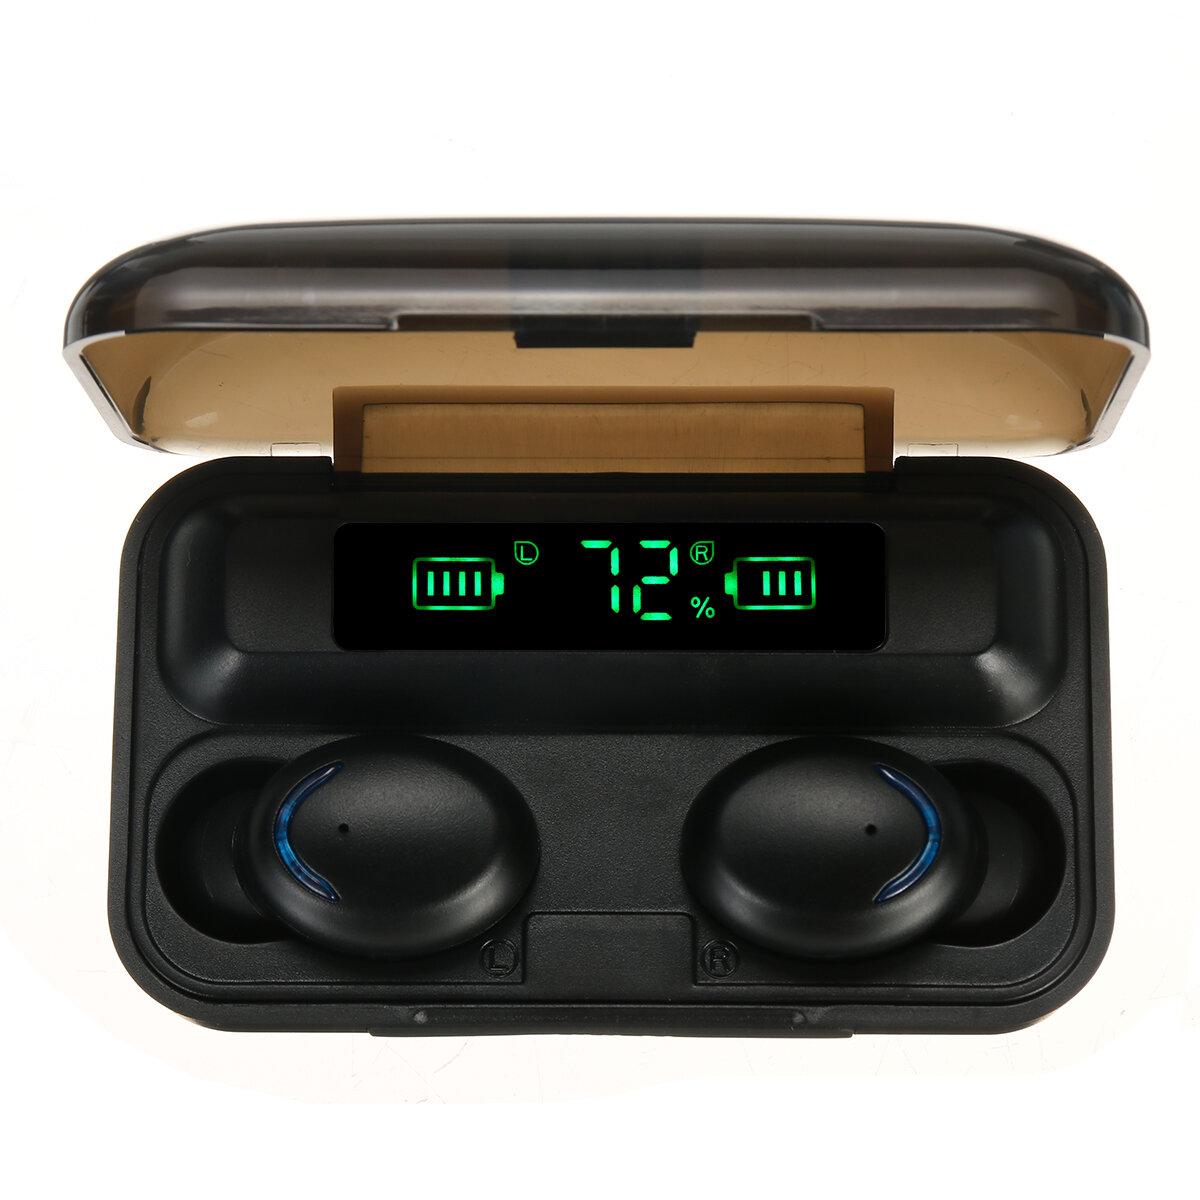 Bakeey F9 TWS bluetooth 5.0 øretelefon Smart Touch 4500mAh Power Bank Mini Ørepropper IPX7 Vandtæt hovedtelefon med mikrofon